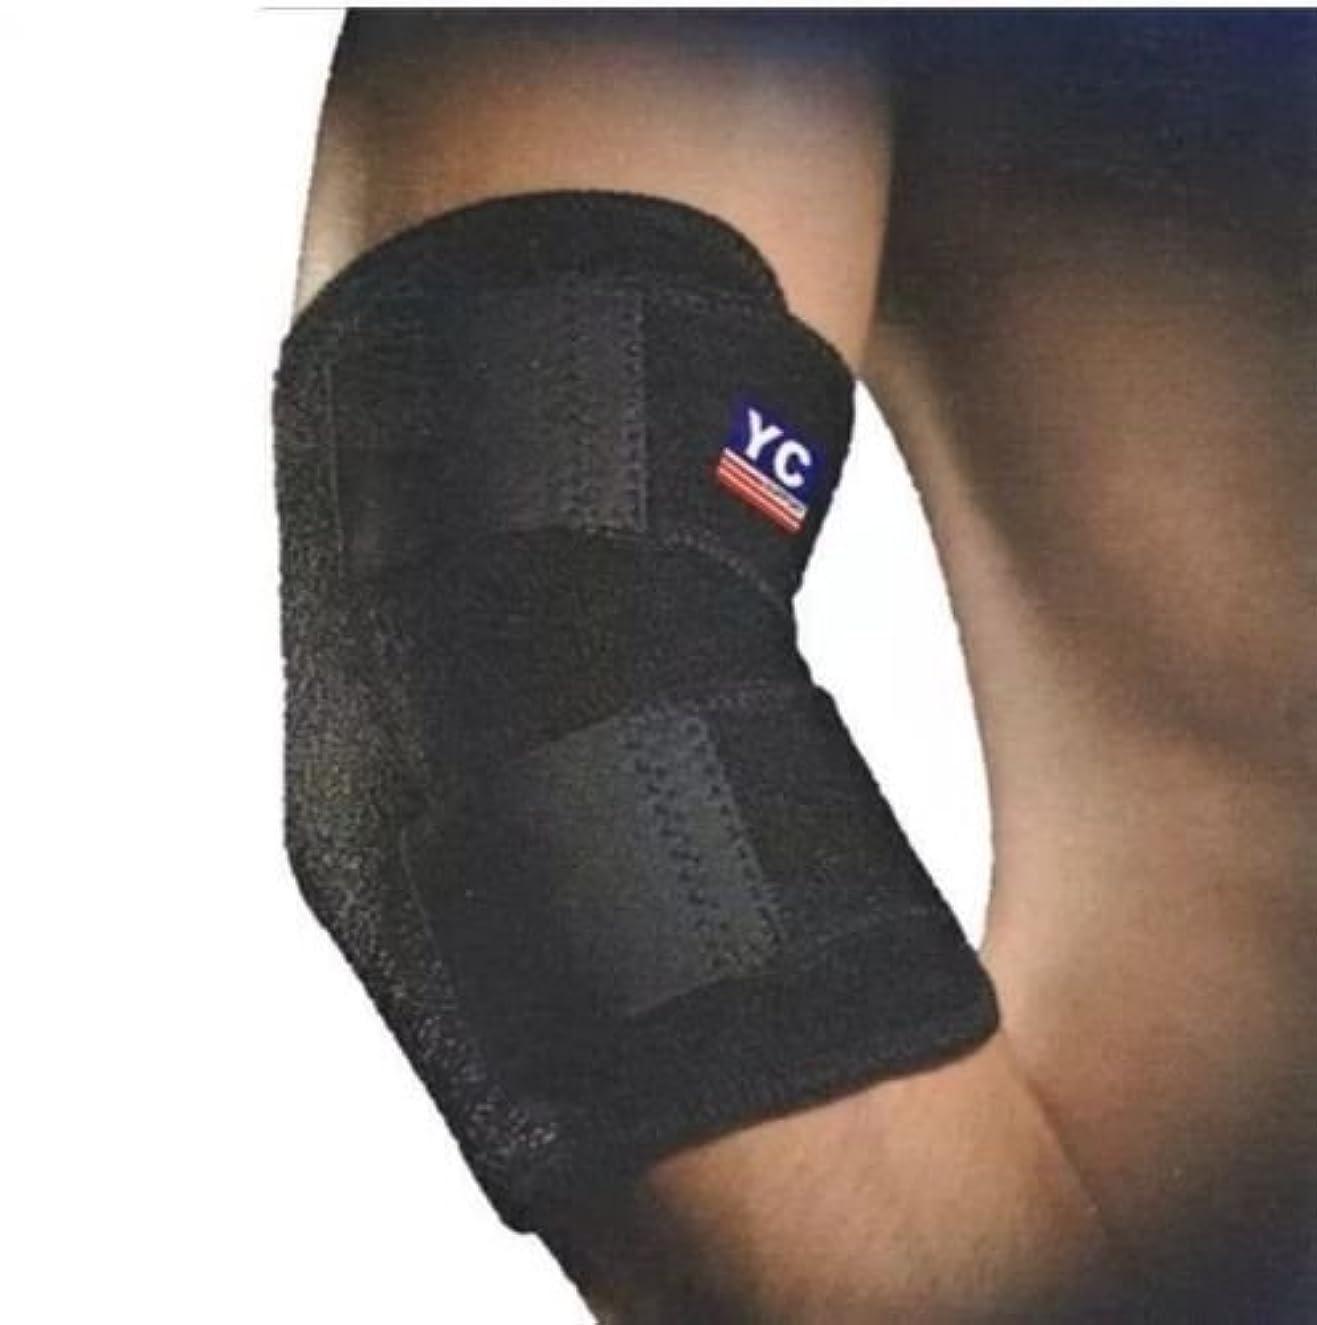 自慢高くボールネオプレン 調節可 肘サポート テニス 関節炎 巻き付け固定具 ジム スポーツ